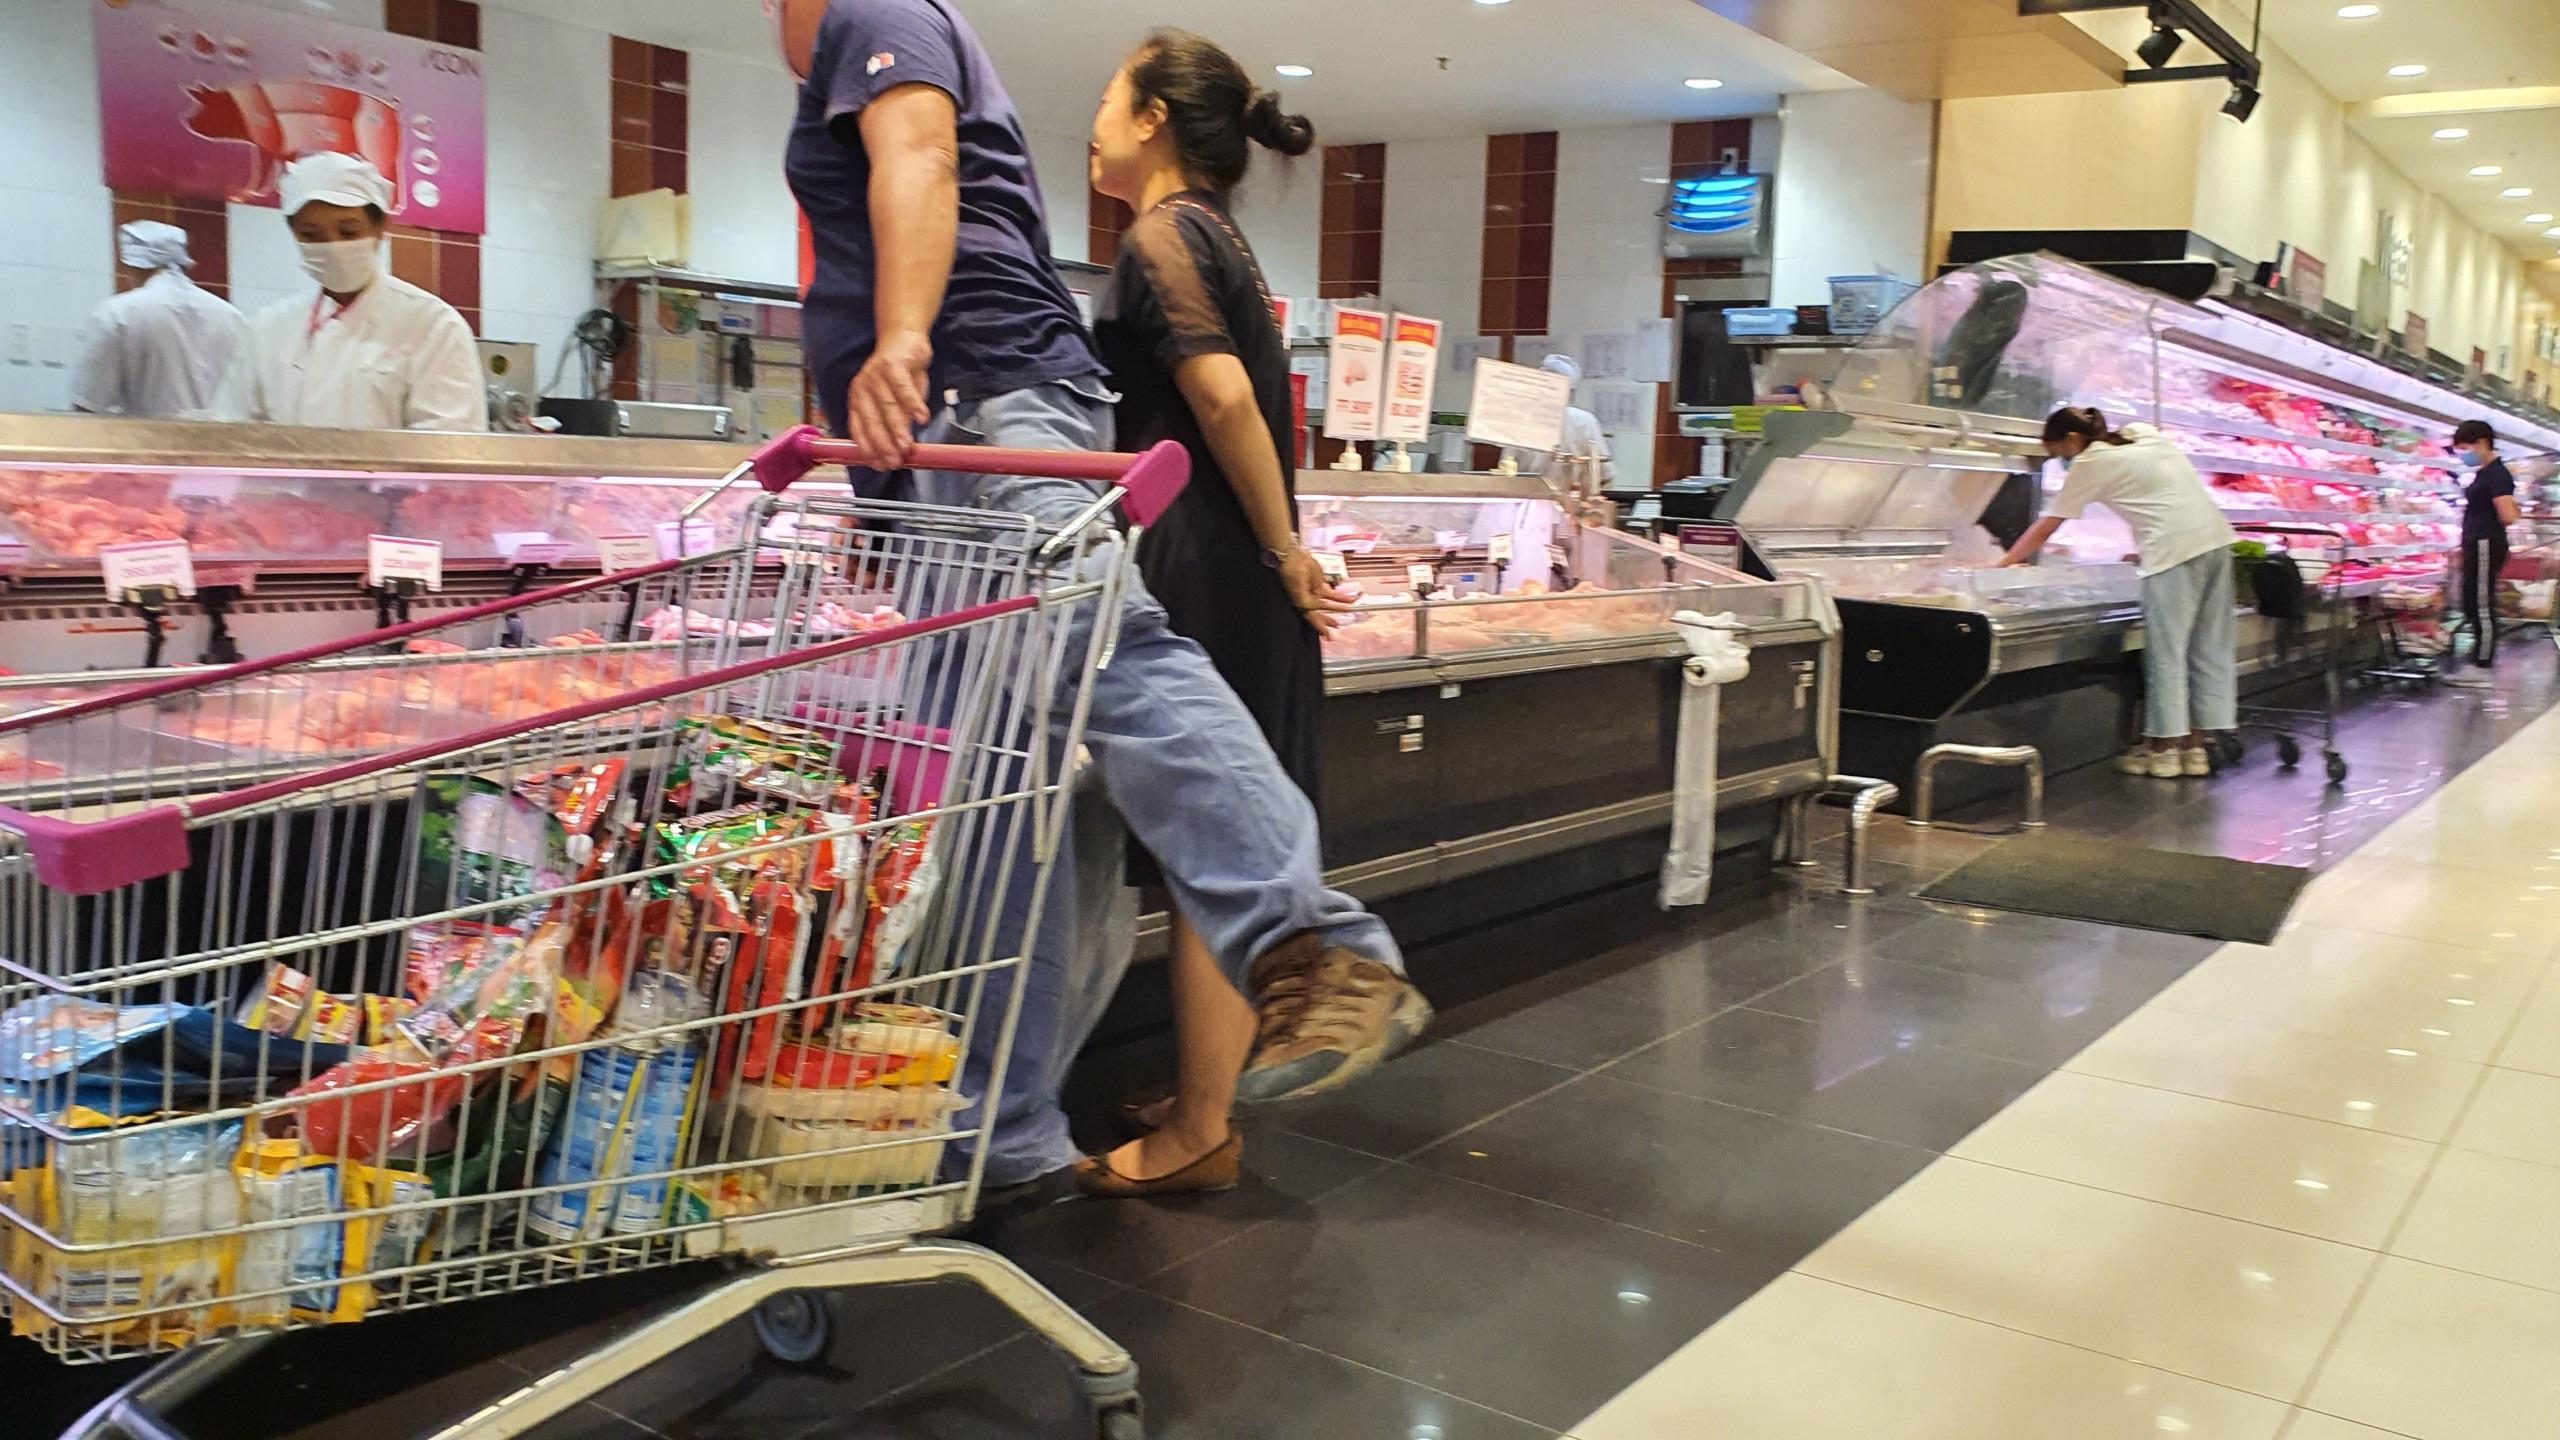 Hà Nội: Hàng hoá đầy kệ, giá cả không biến động sau